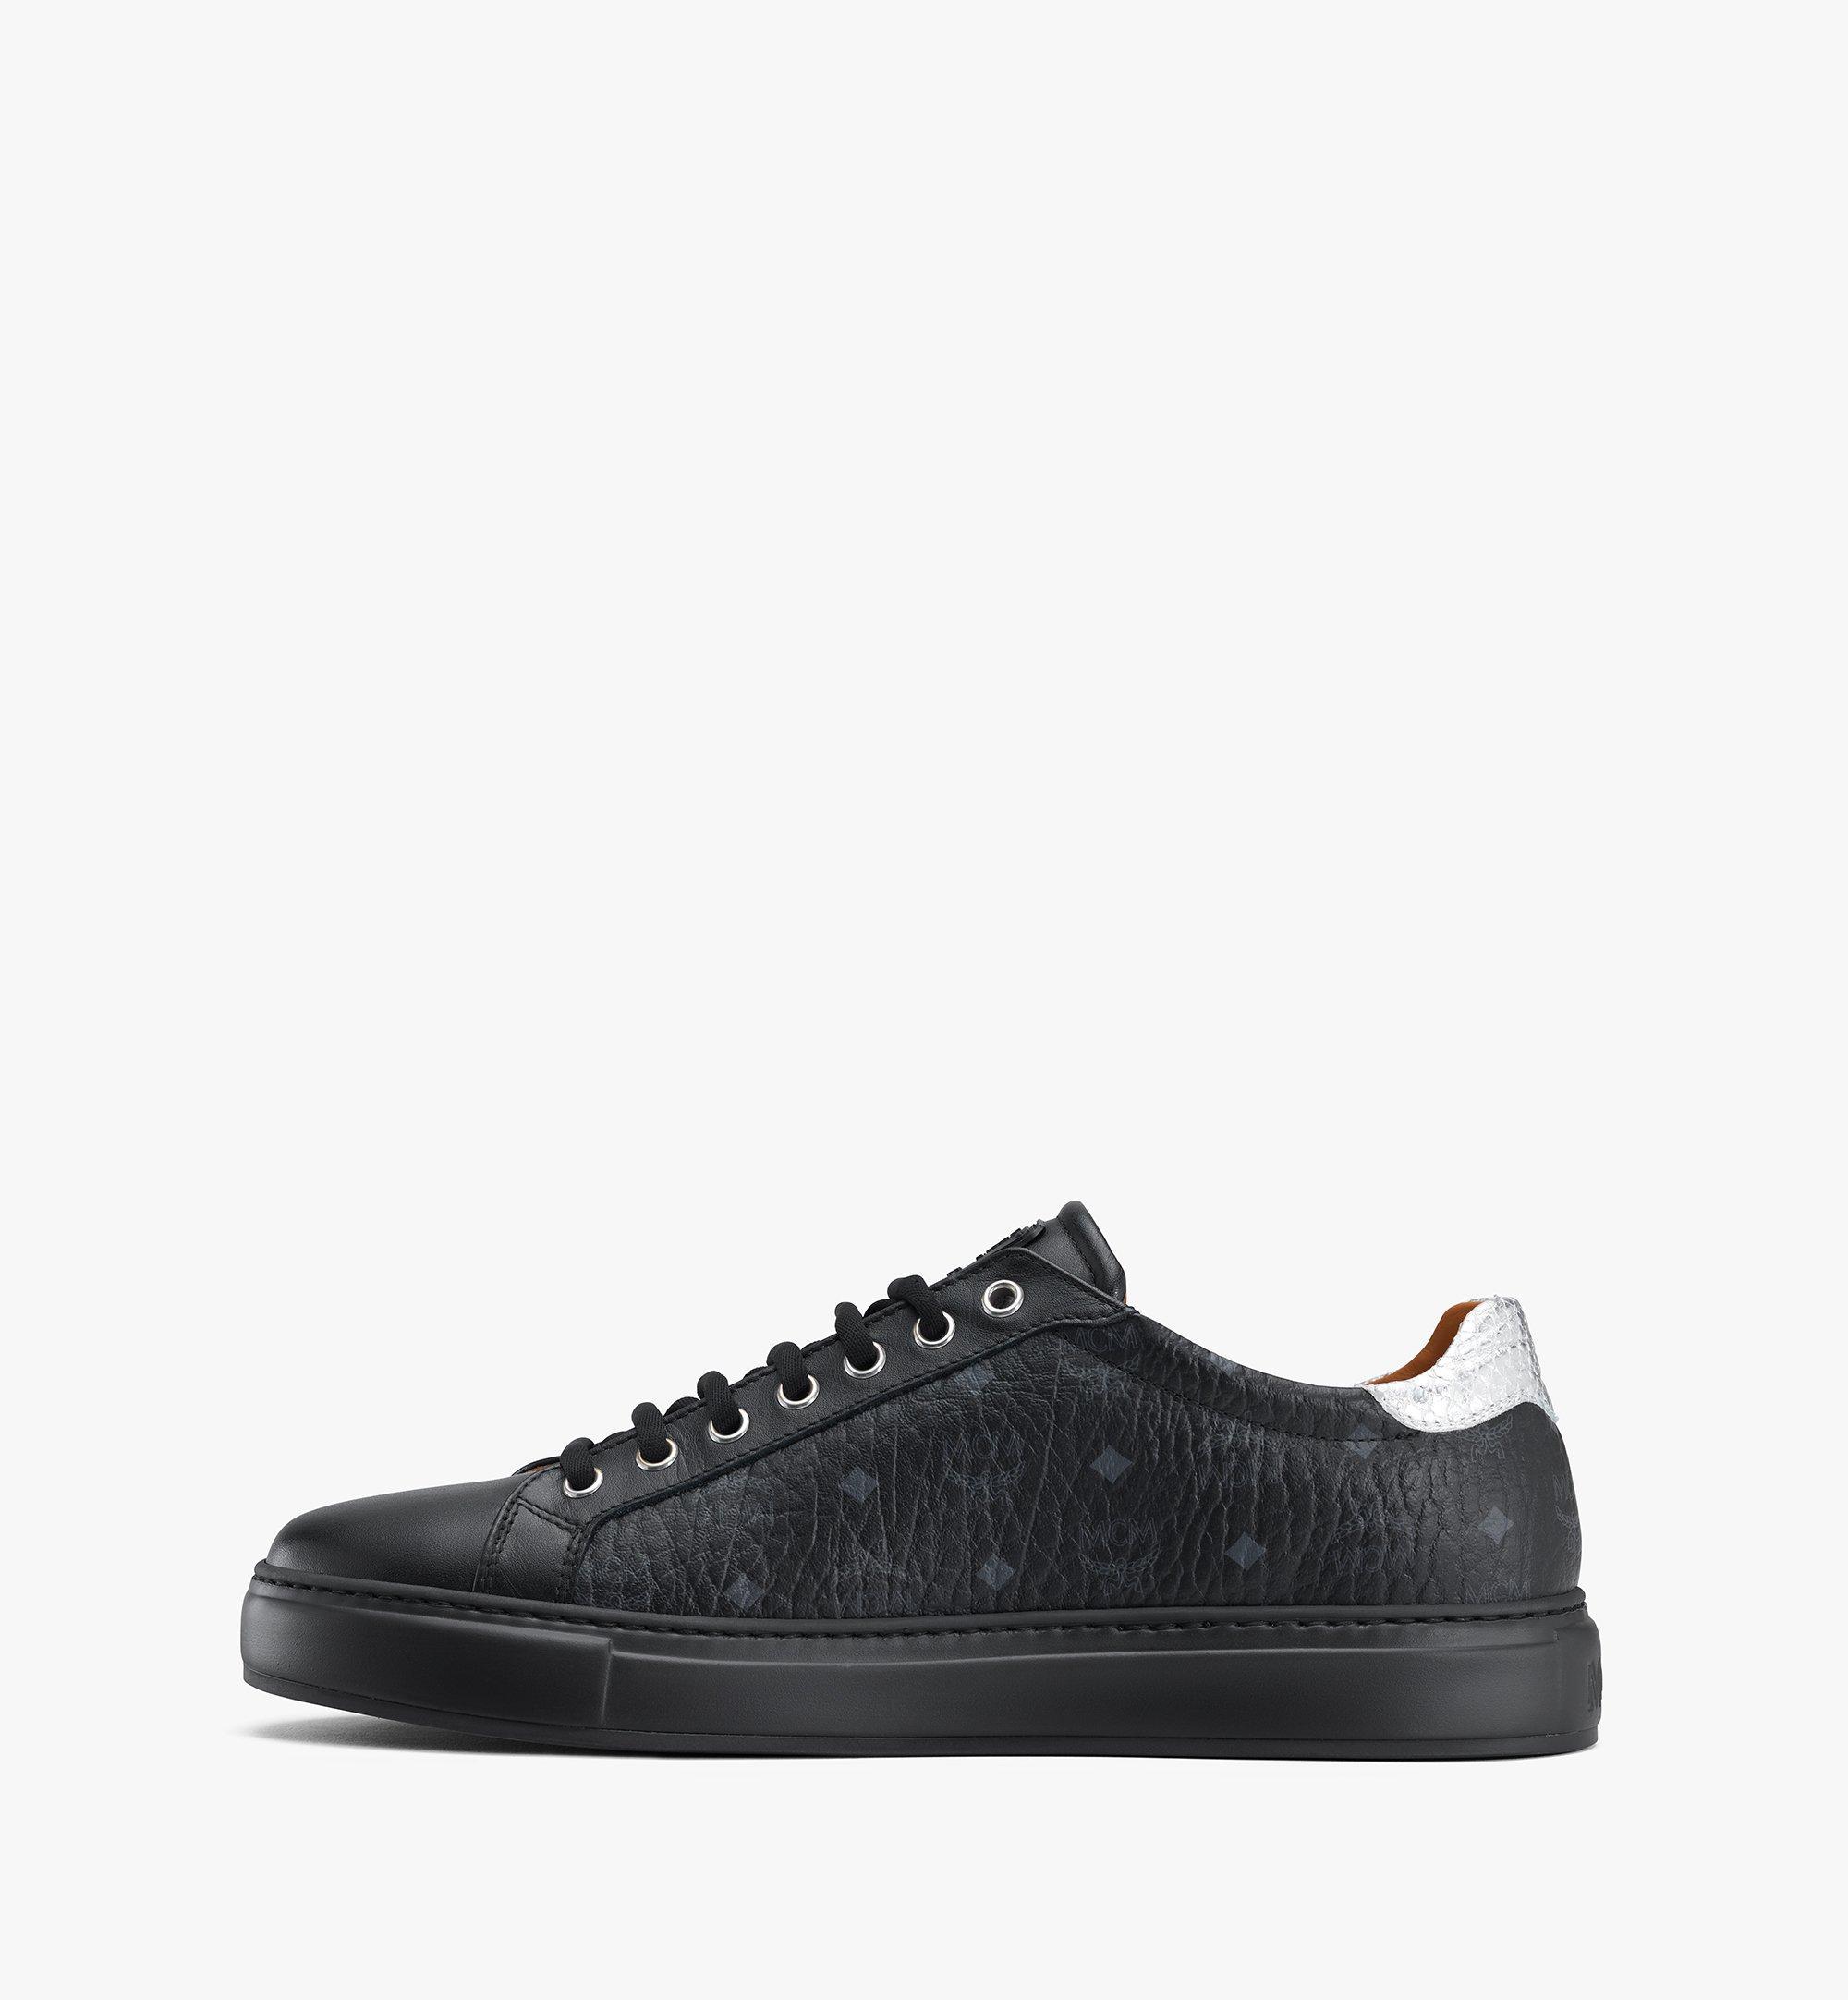 MCM Men's Low-Top Sneakers in Visetos Black MEXASMM10BK044 Alternate View 4